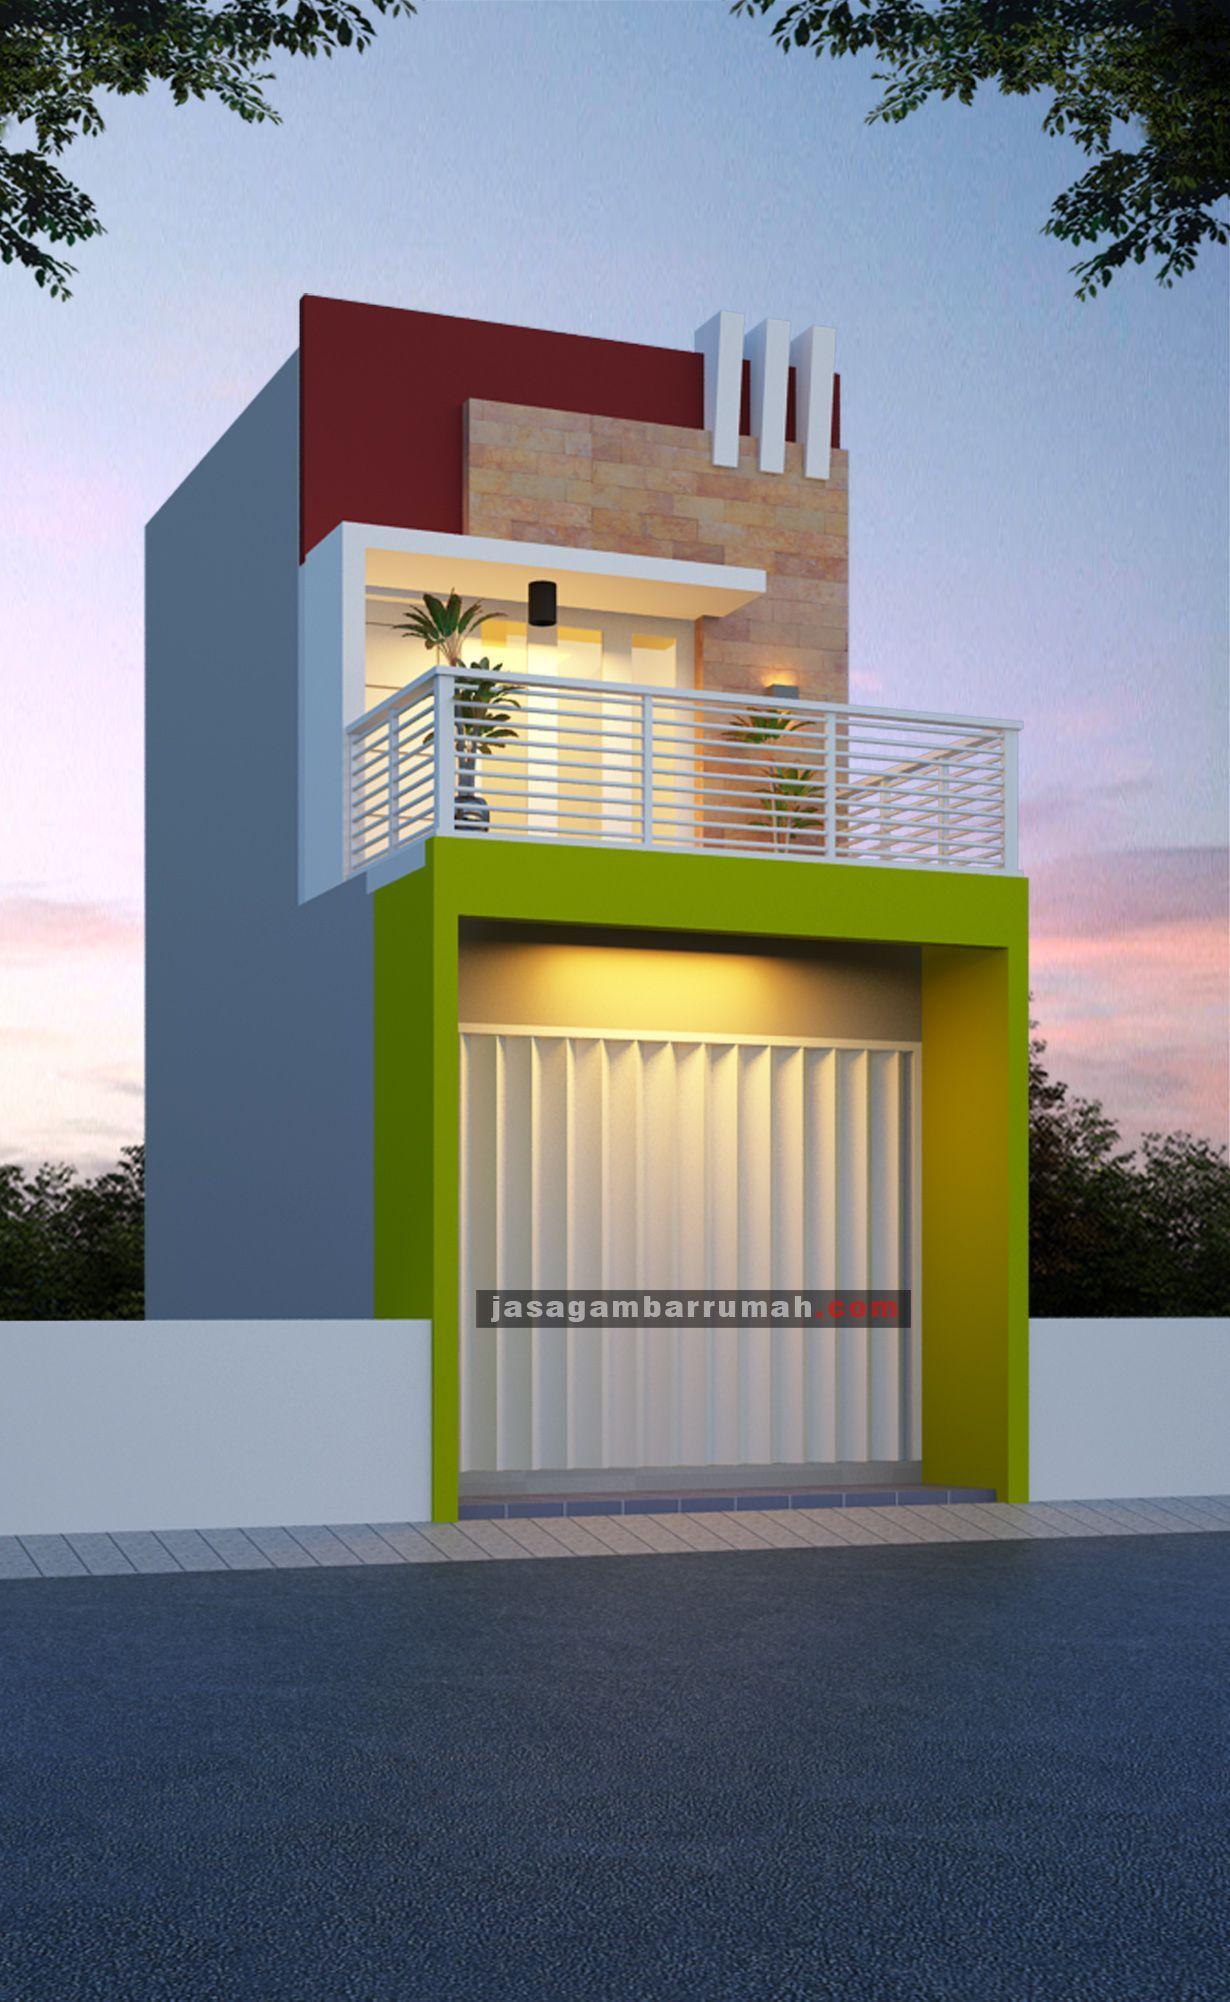 99 Gambar Desain Bangunan Ruko Minimalis Paling Bagus Desain Rumah Rumah Minimalis Home Fashion Rumah model ruko